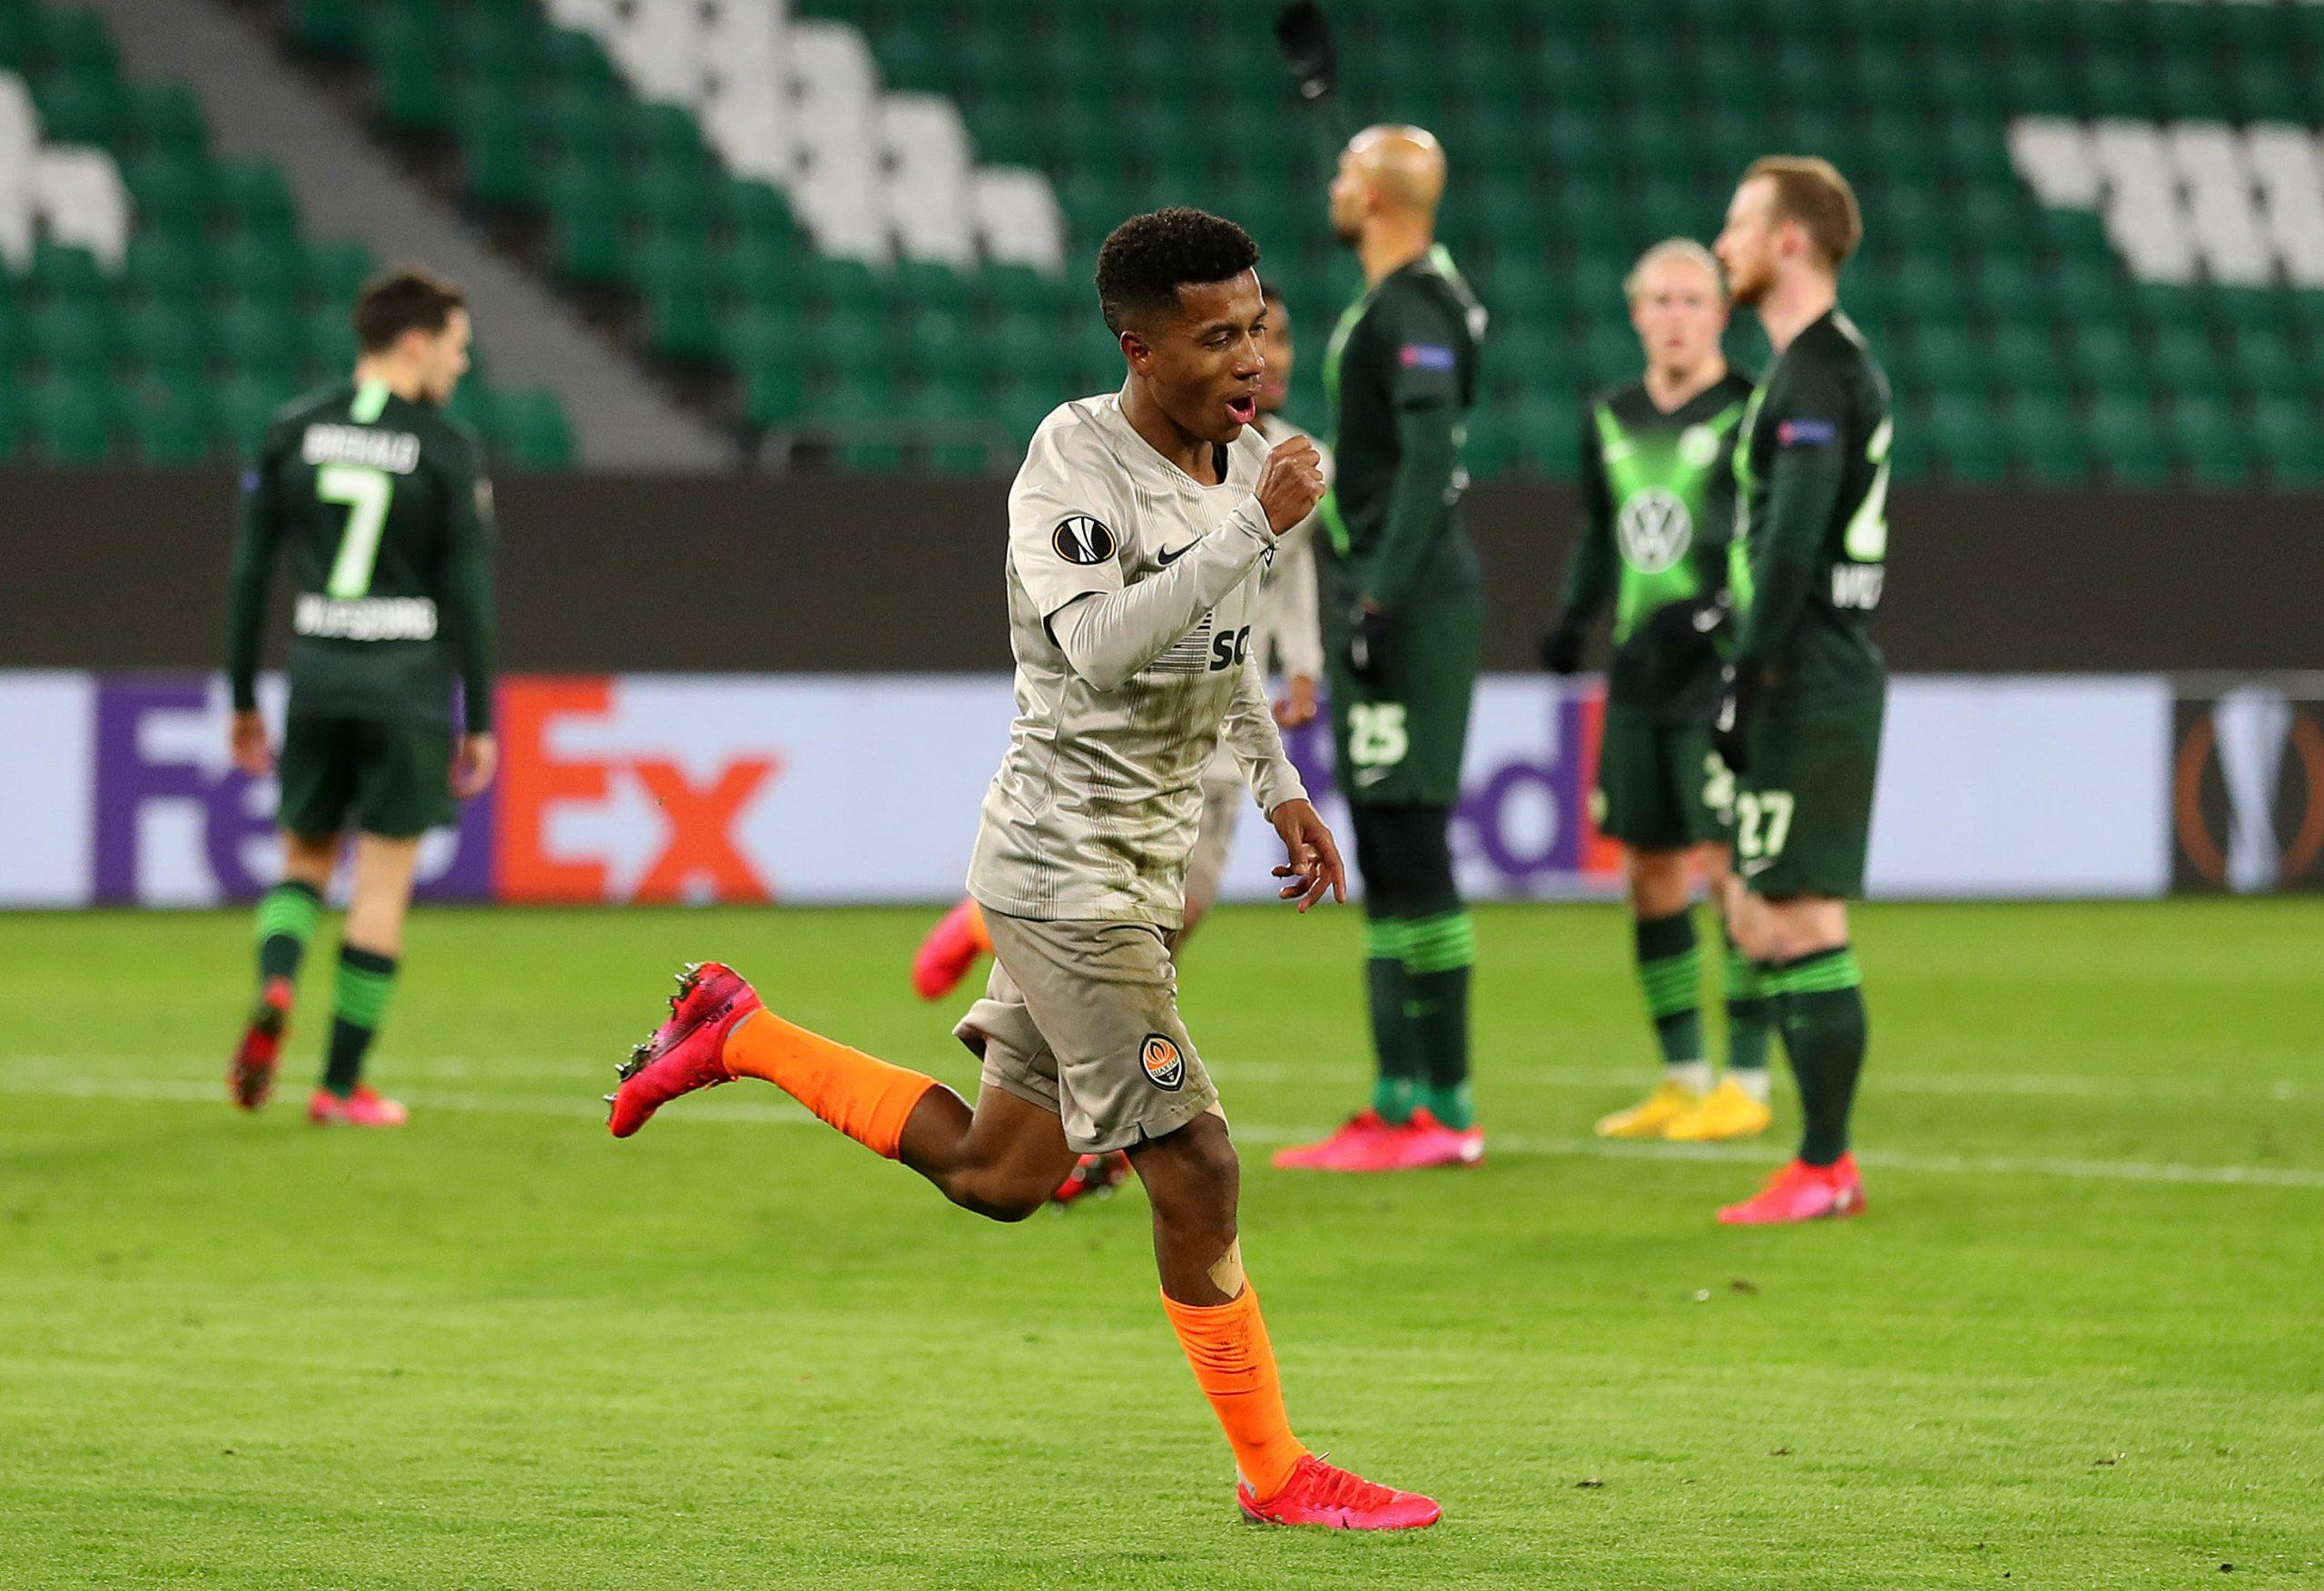 Shakhtar Donetsk face Basel in Gelsenkirchen